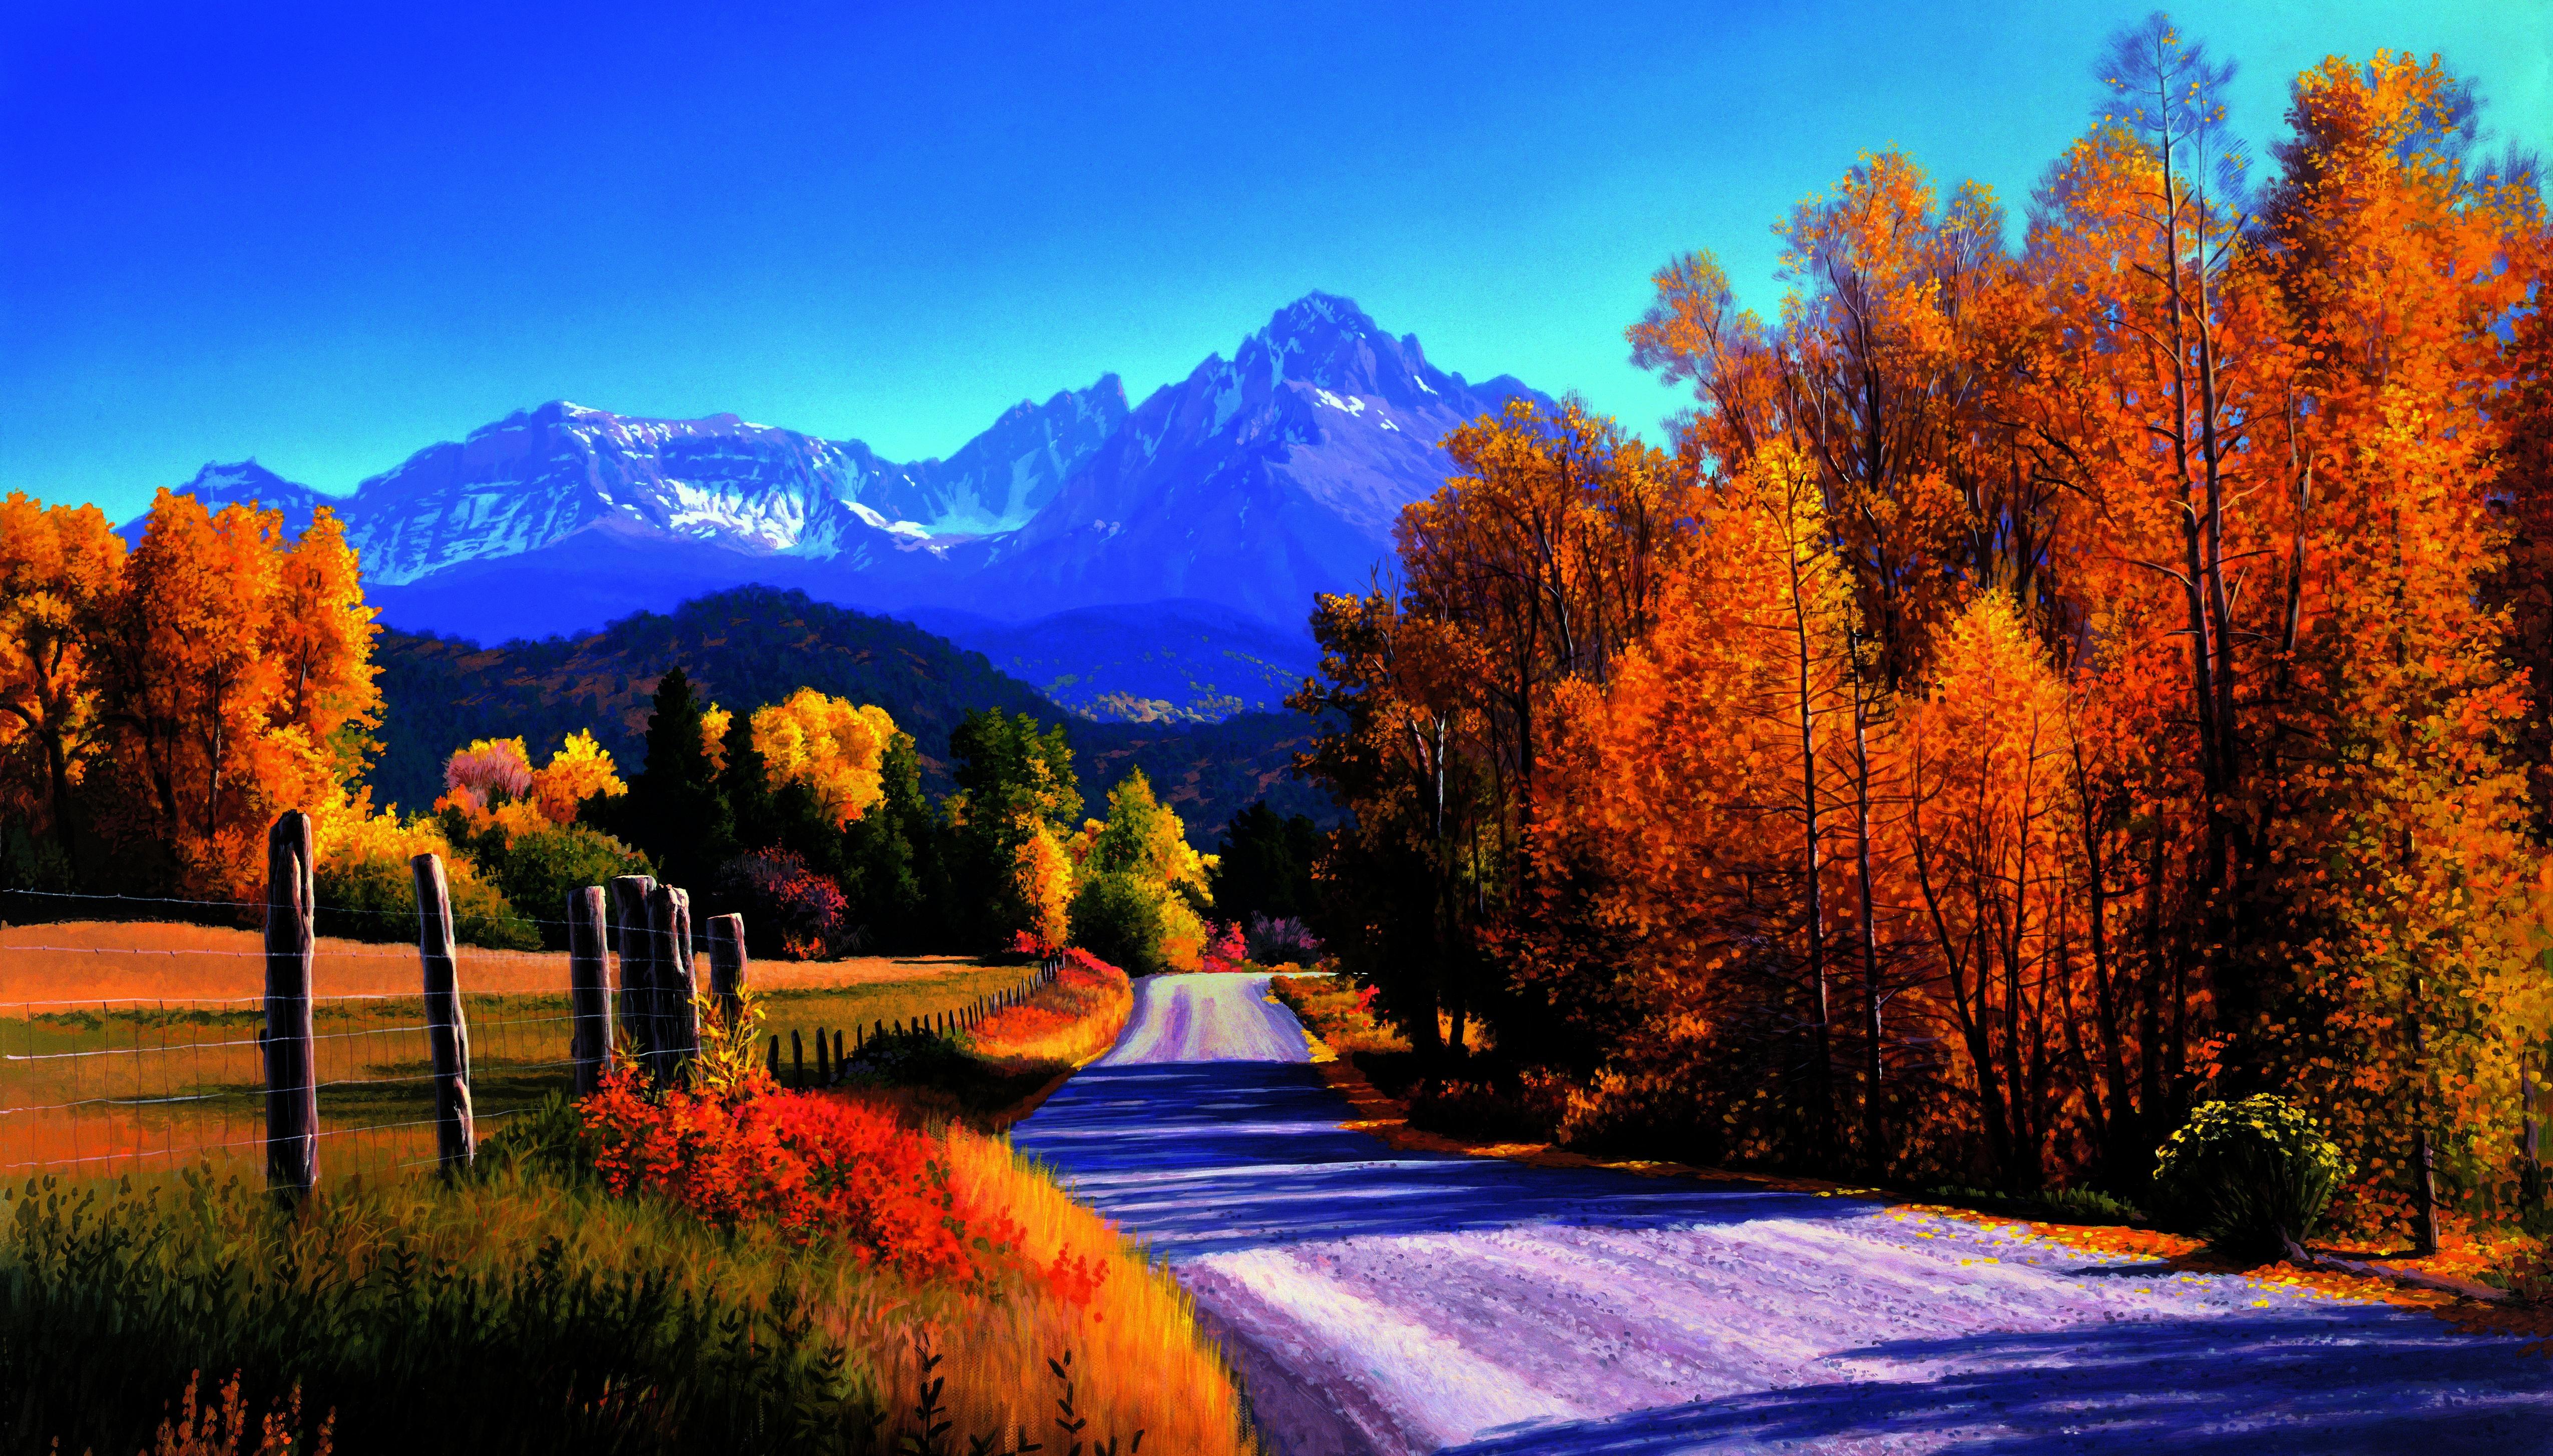 Picture 3 of 26 - Landscape Images Luxury Autumn Landscape ...